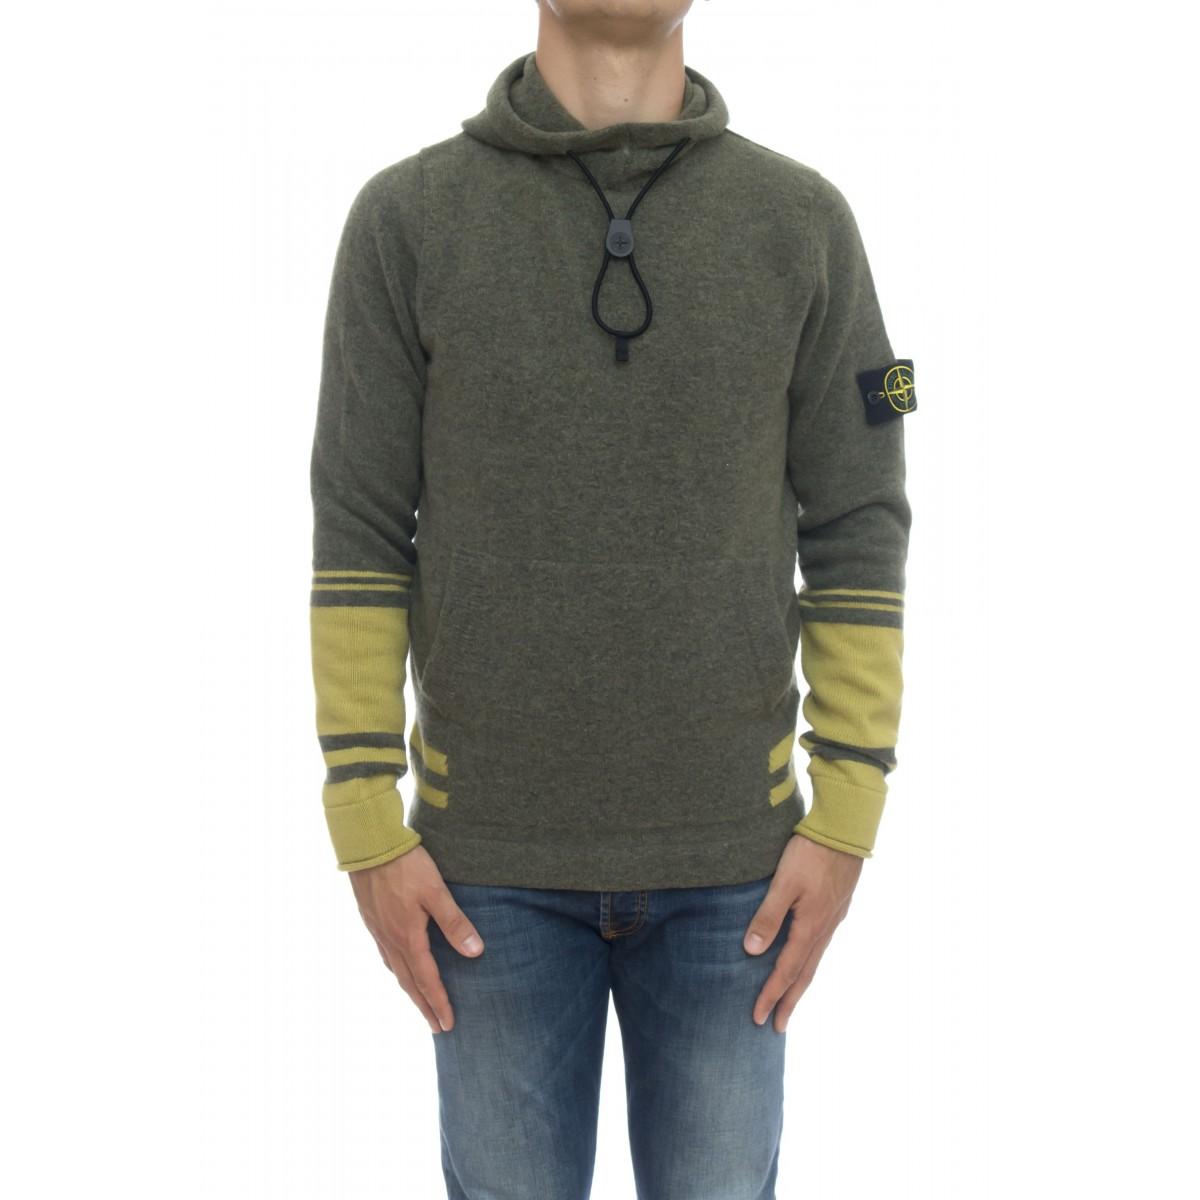 Maglia uomo - 547b2 maglia cappuccio riga